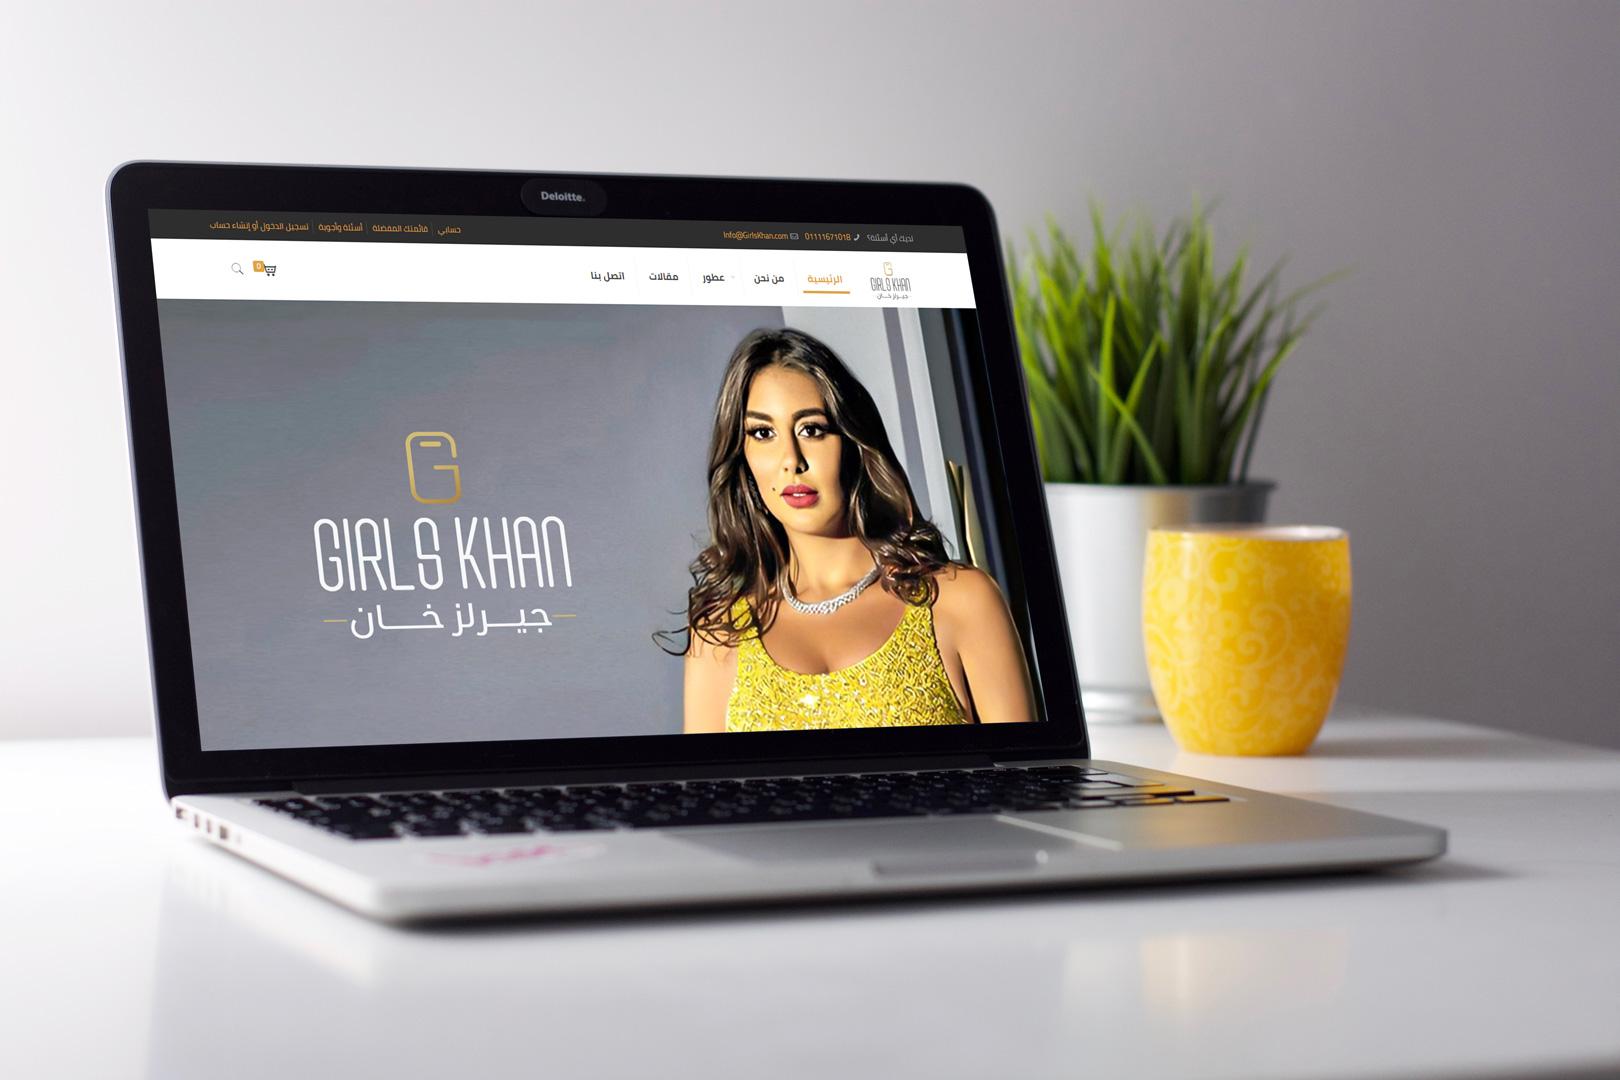 girlskhan website